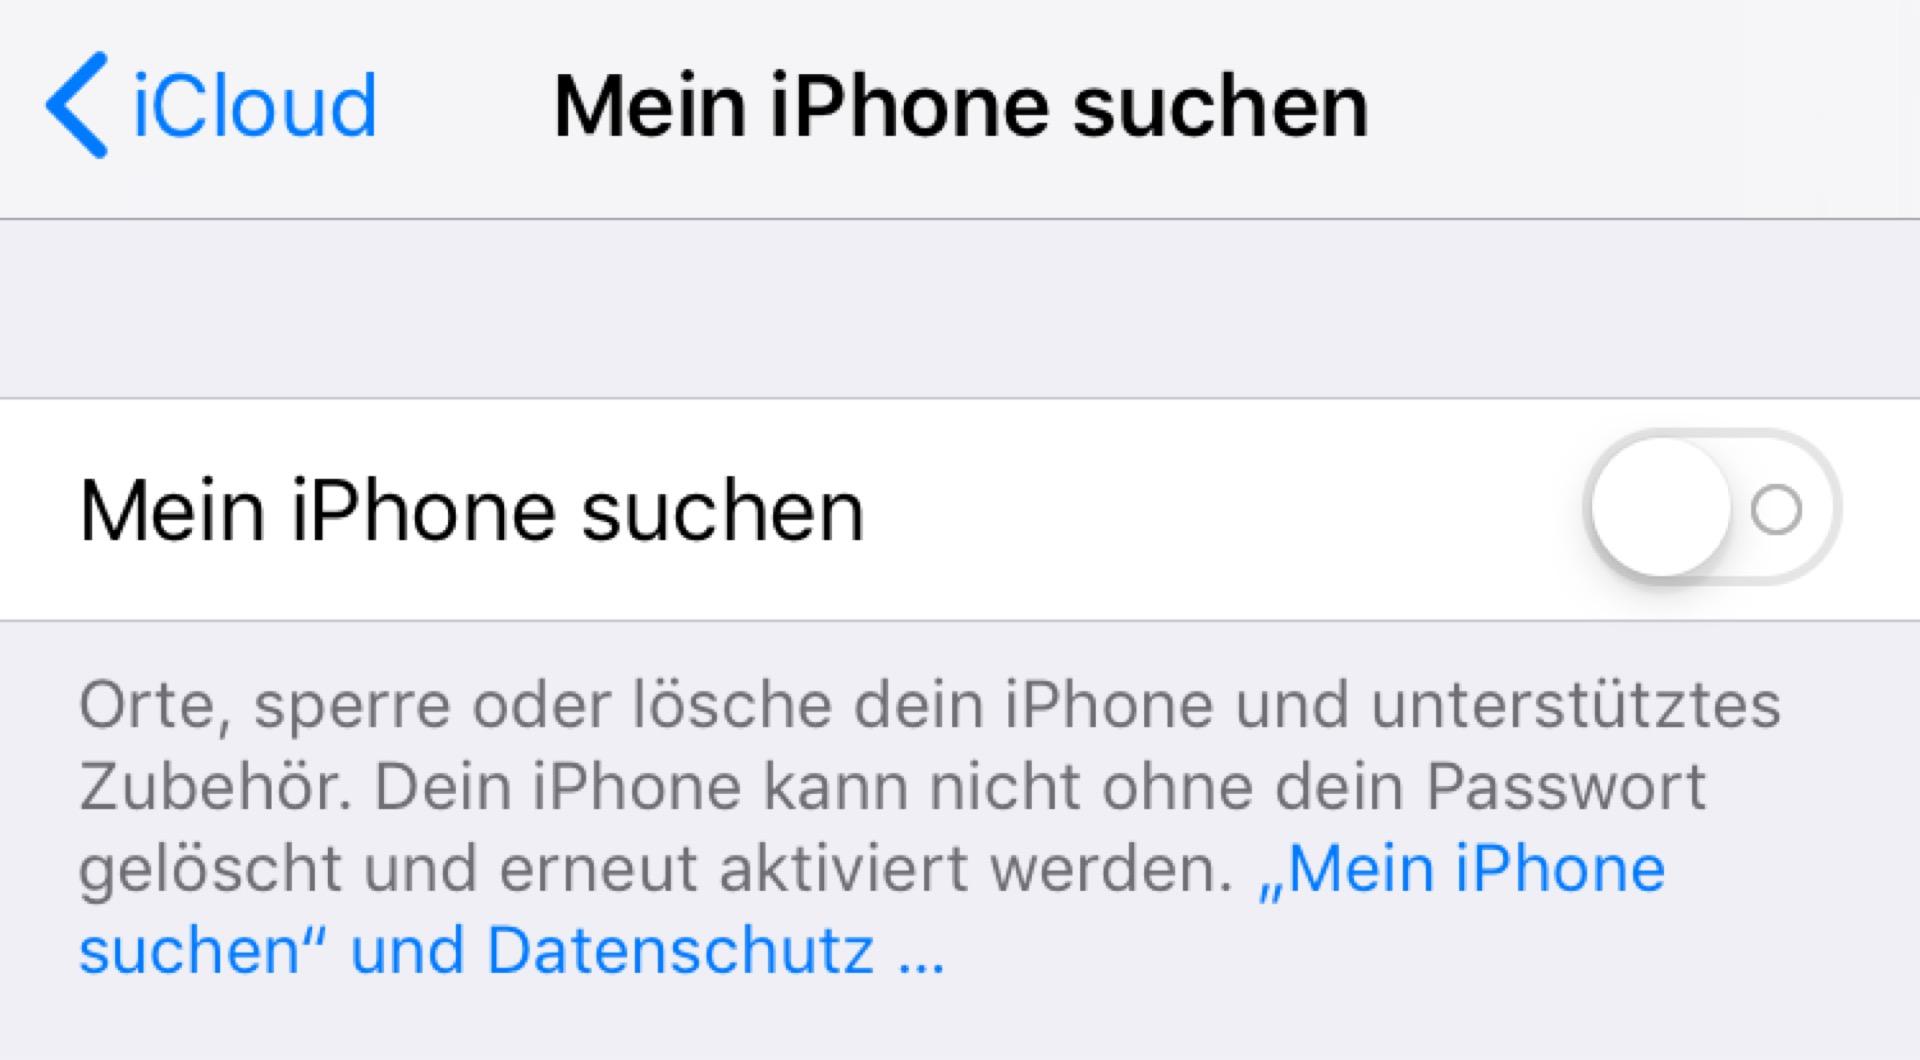 Ihr müsst das iPhone nun von der iCloud entkoppeln.